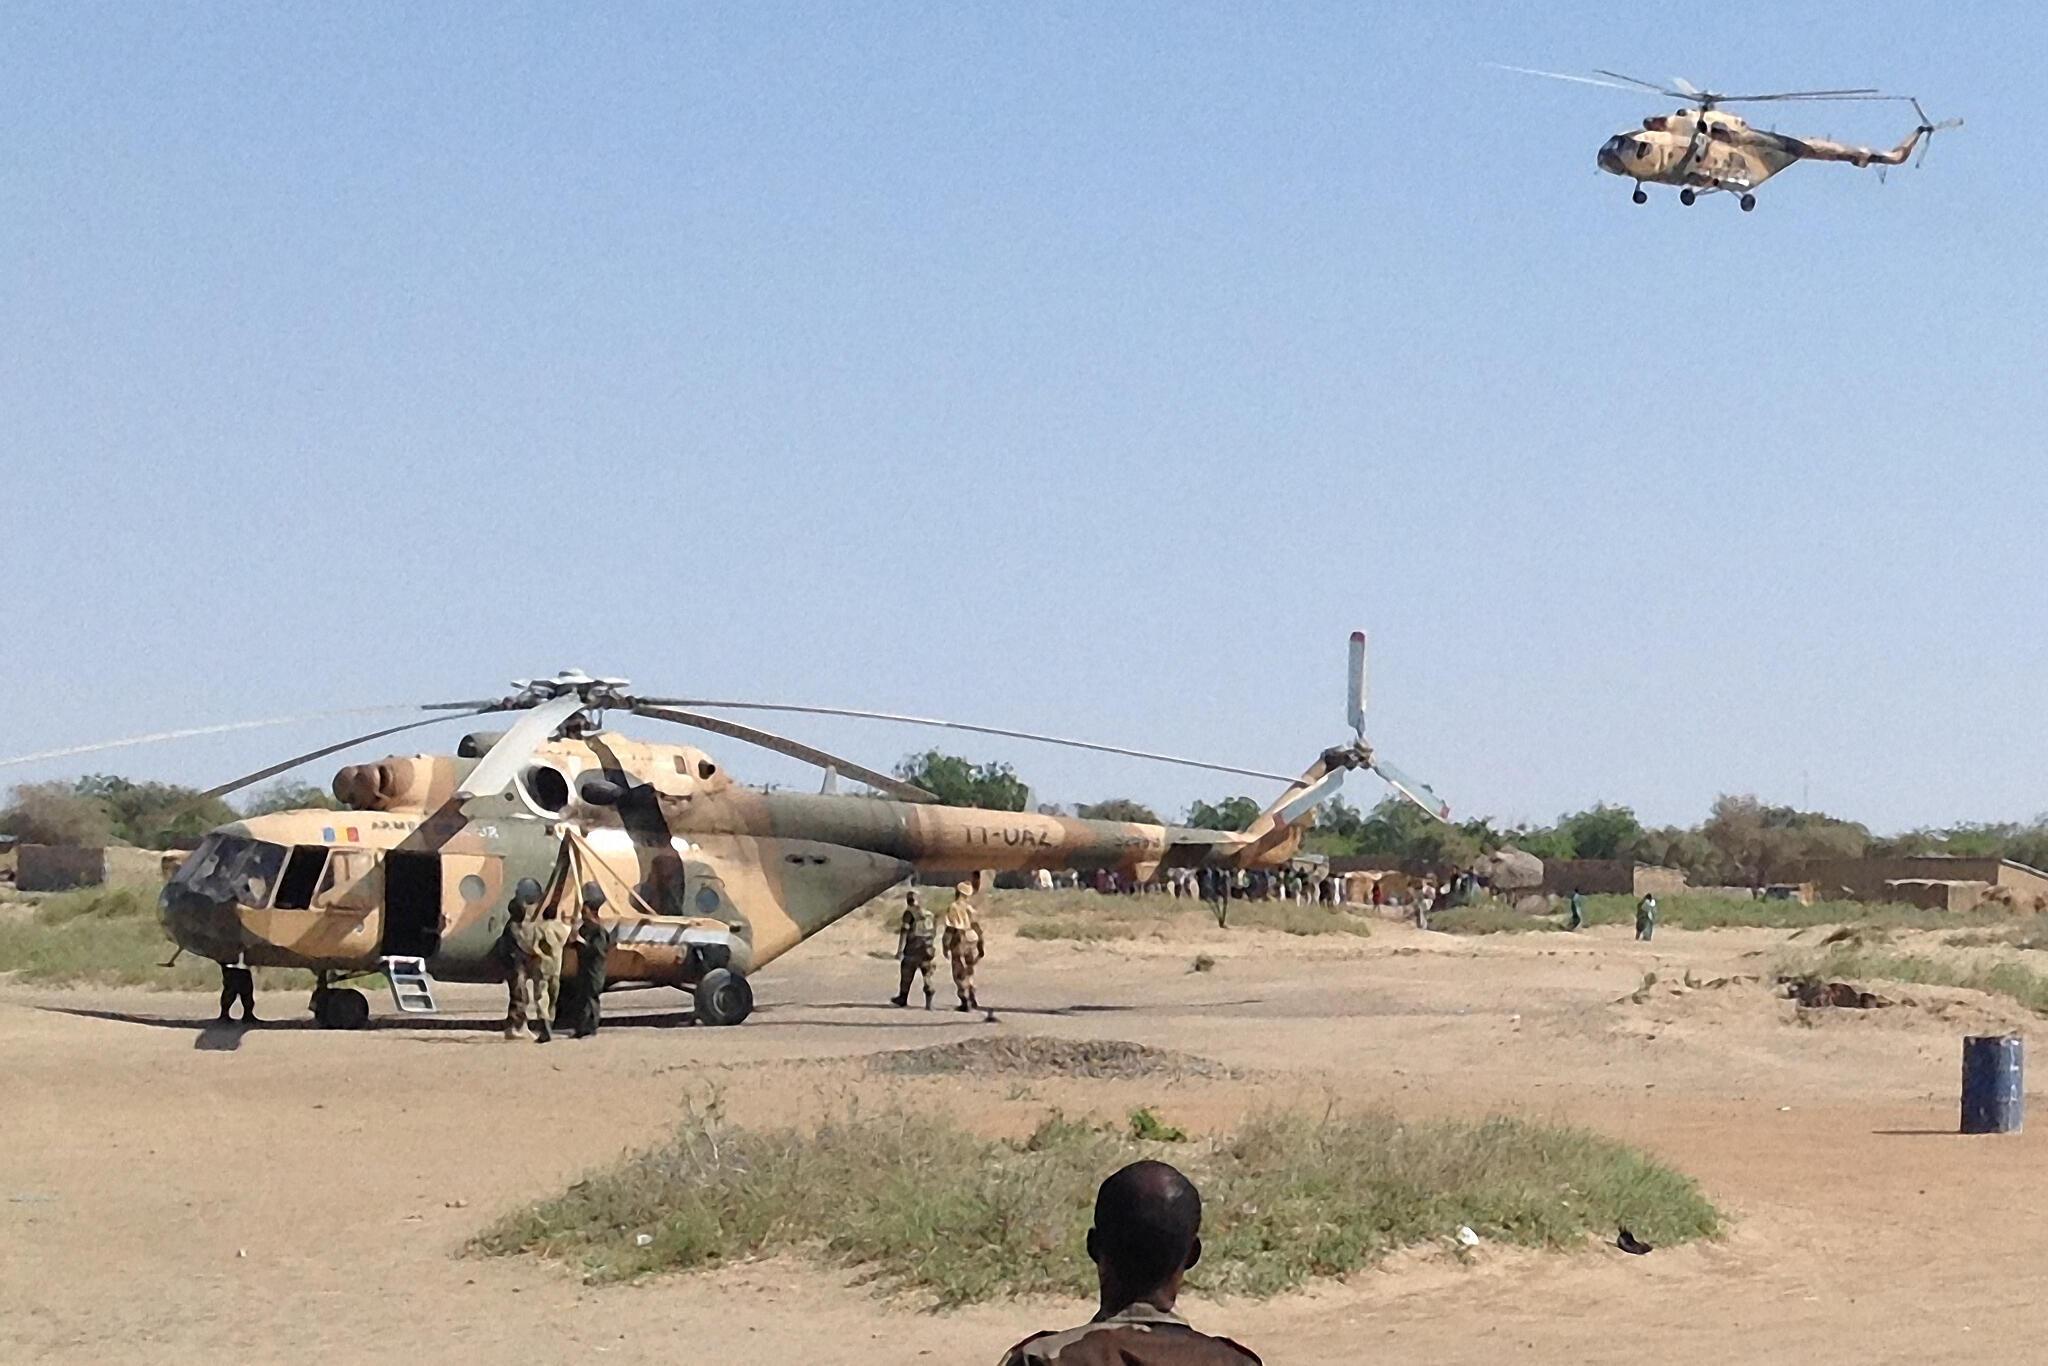 Helikopta za jeshi la Chad zikipiga kambi karibu na mji wa Gamboru.